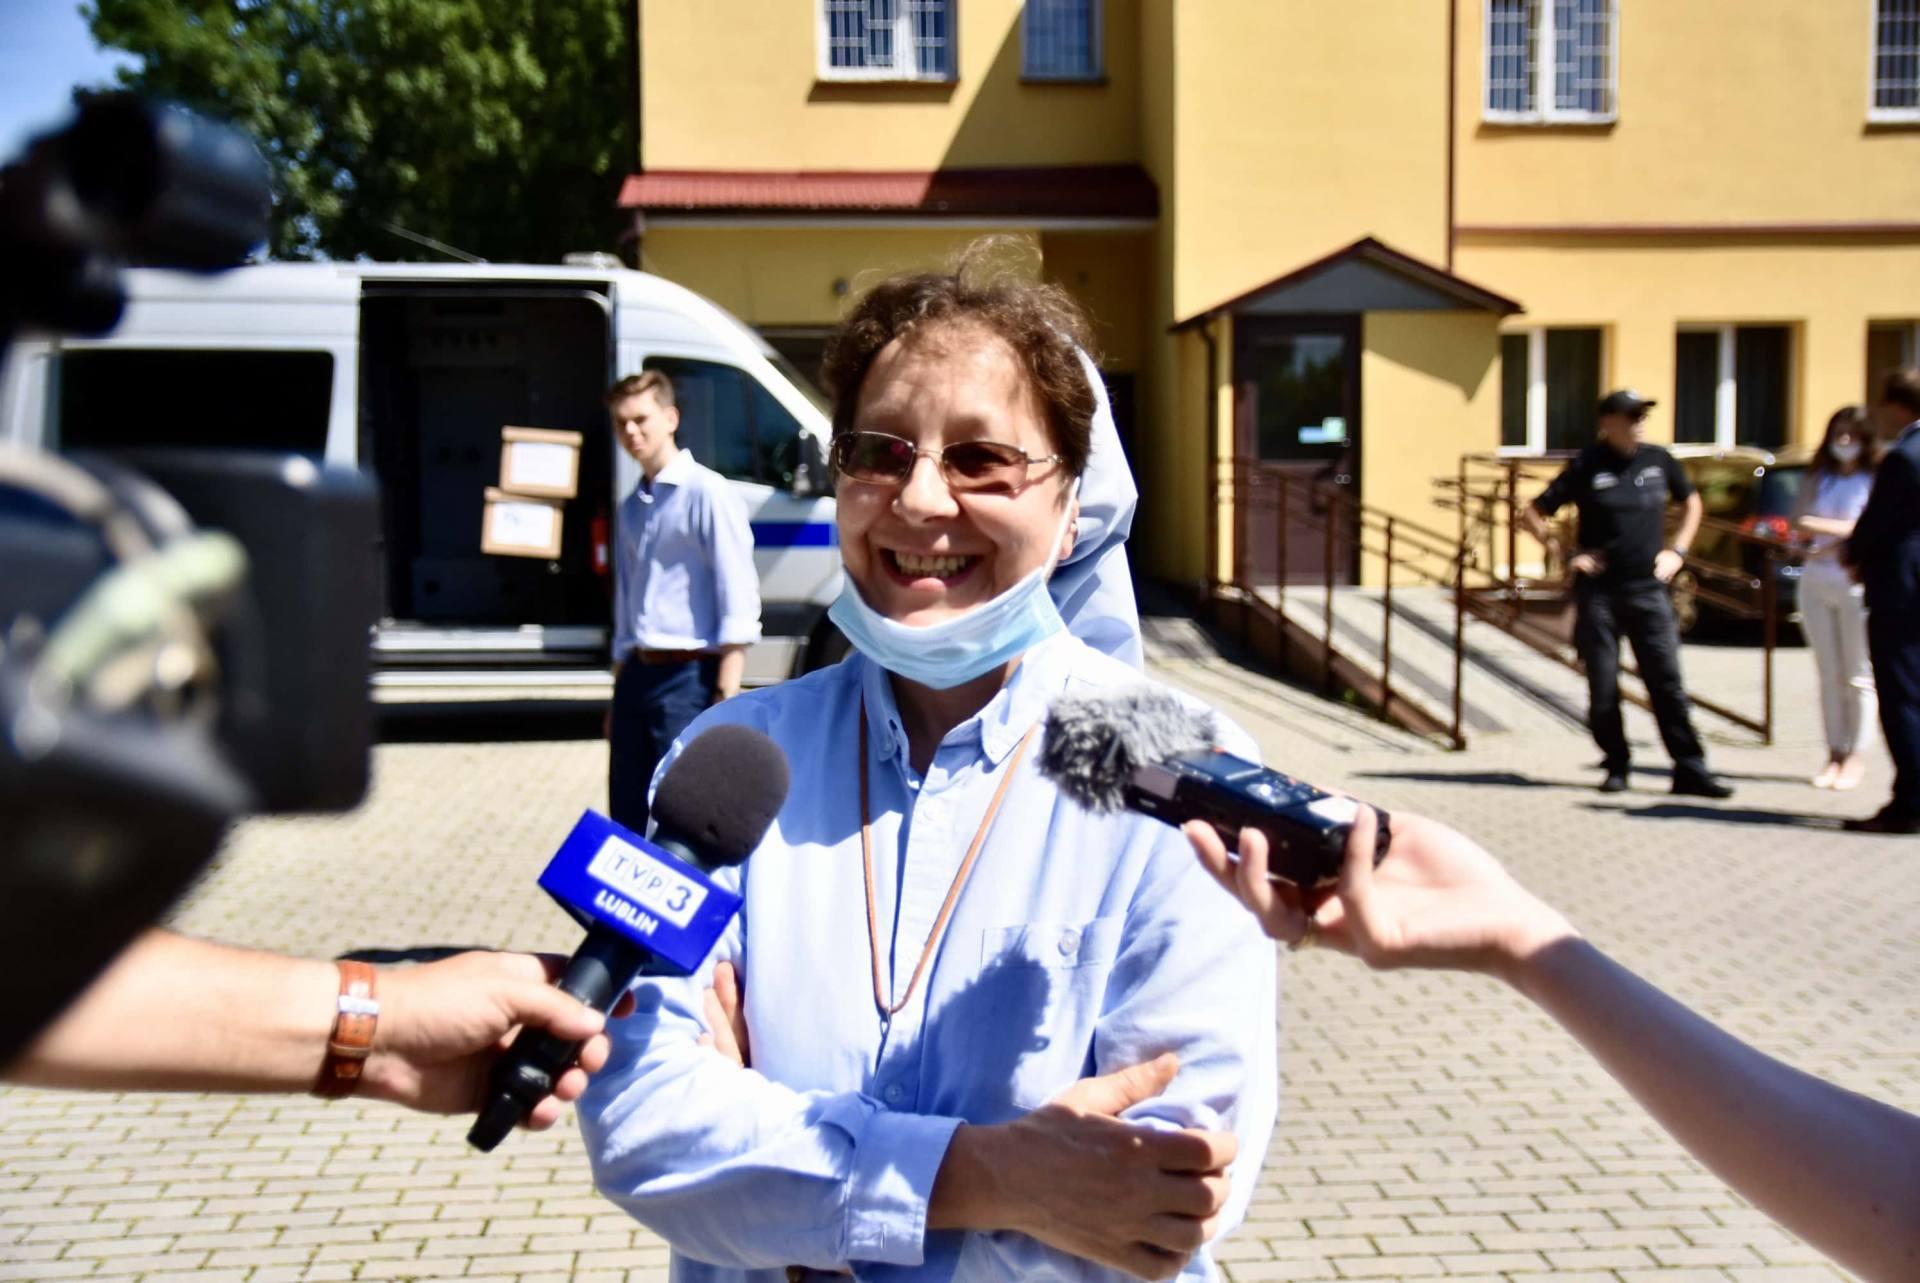 dsc 8532 Wiceminister Romanowski wziął udział w przekazaniu maseczek dla DPS-u przy ul. Żdanowskiej [ZDJĘCIA, FILM]